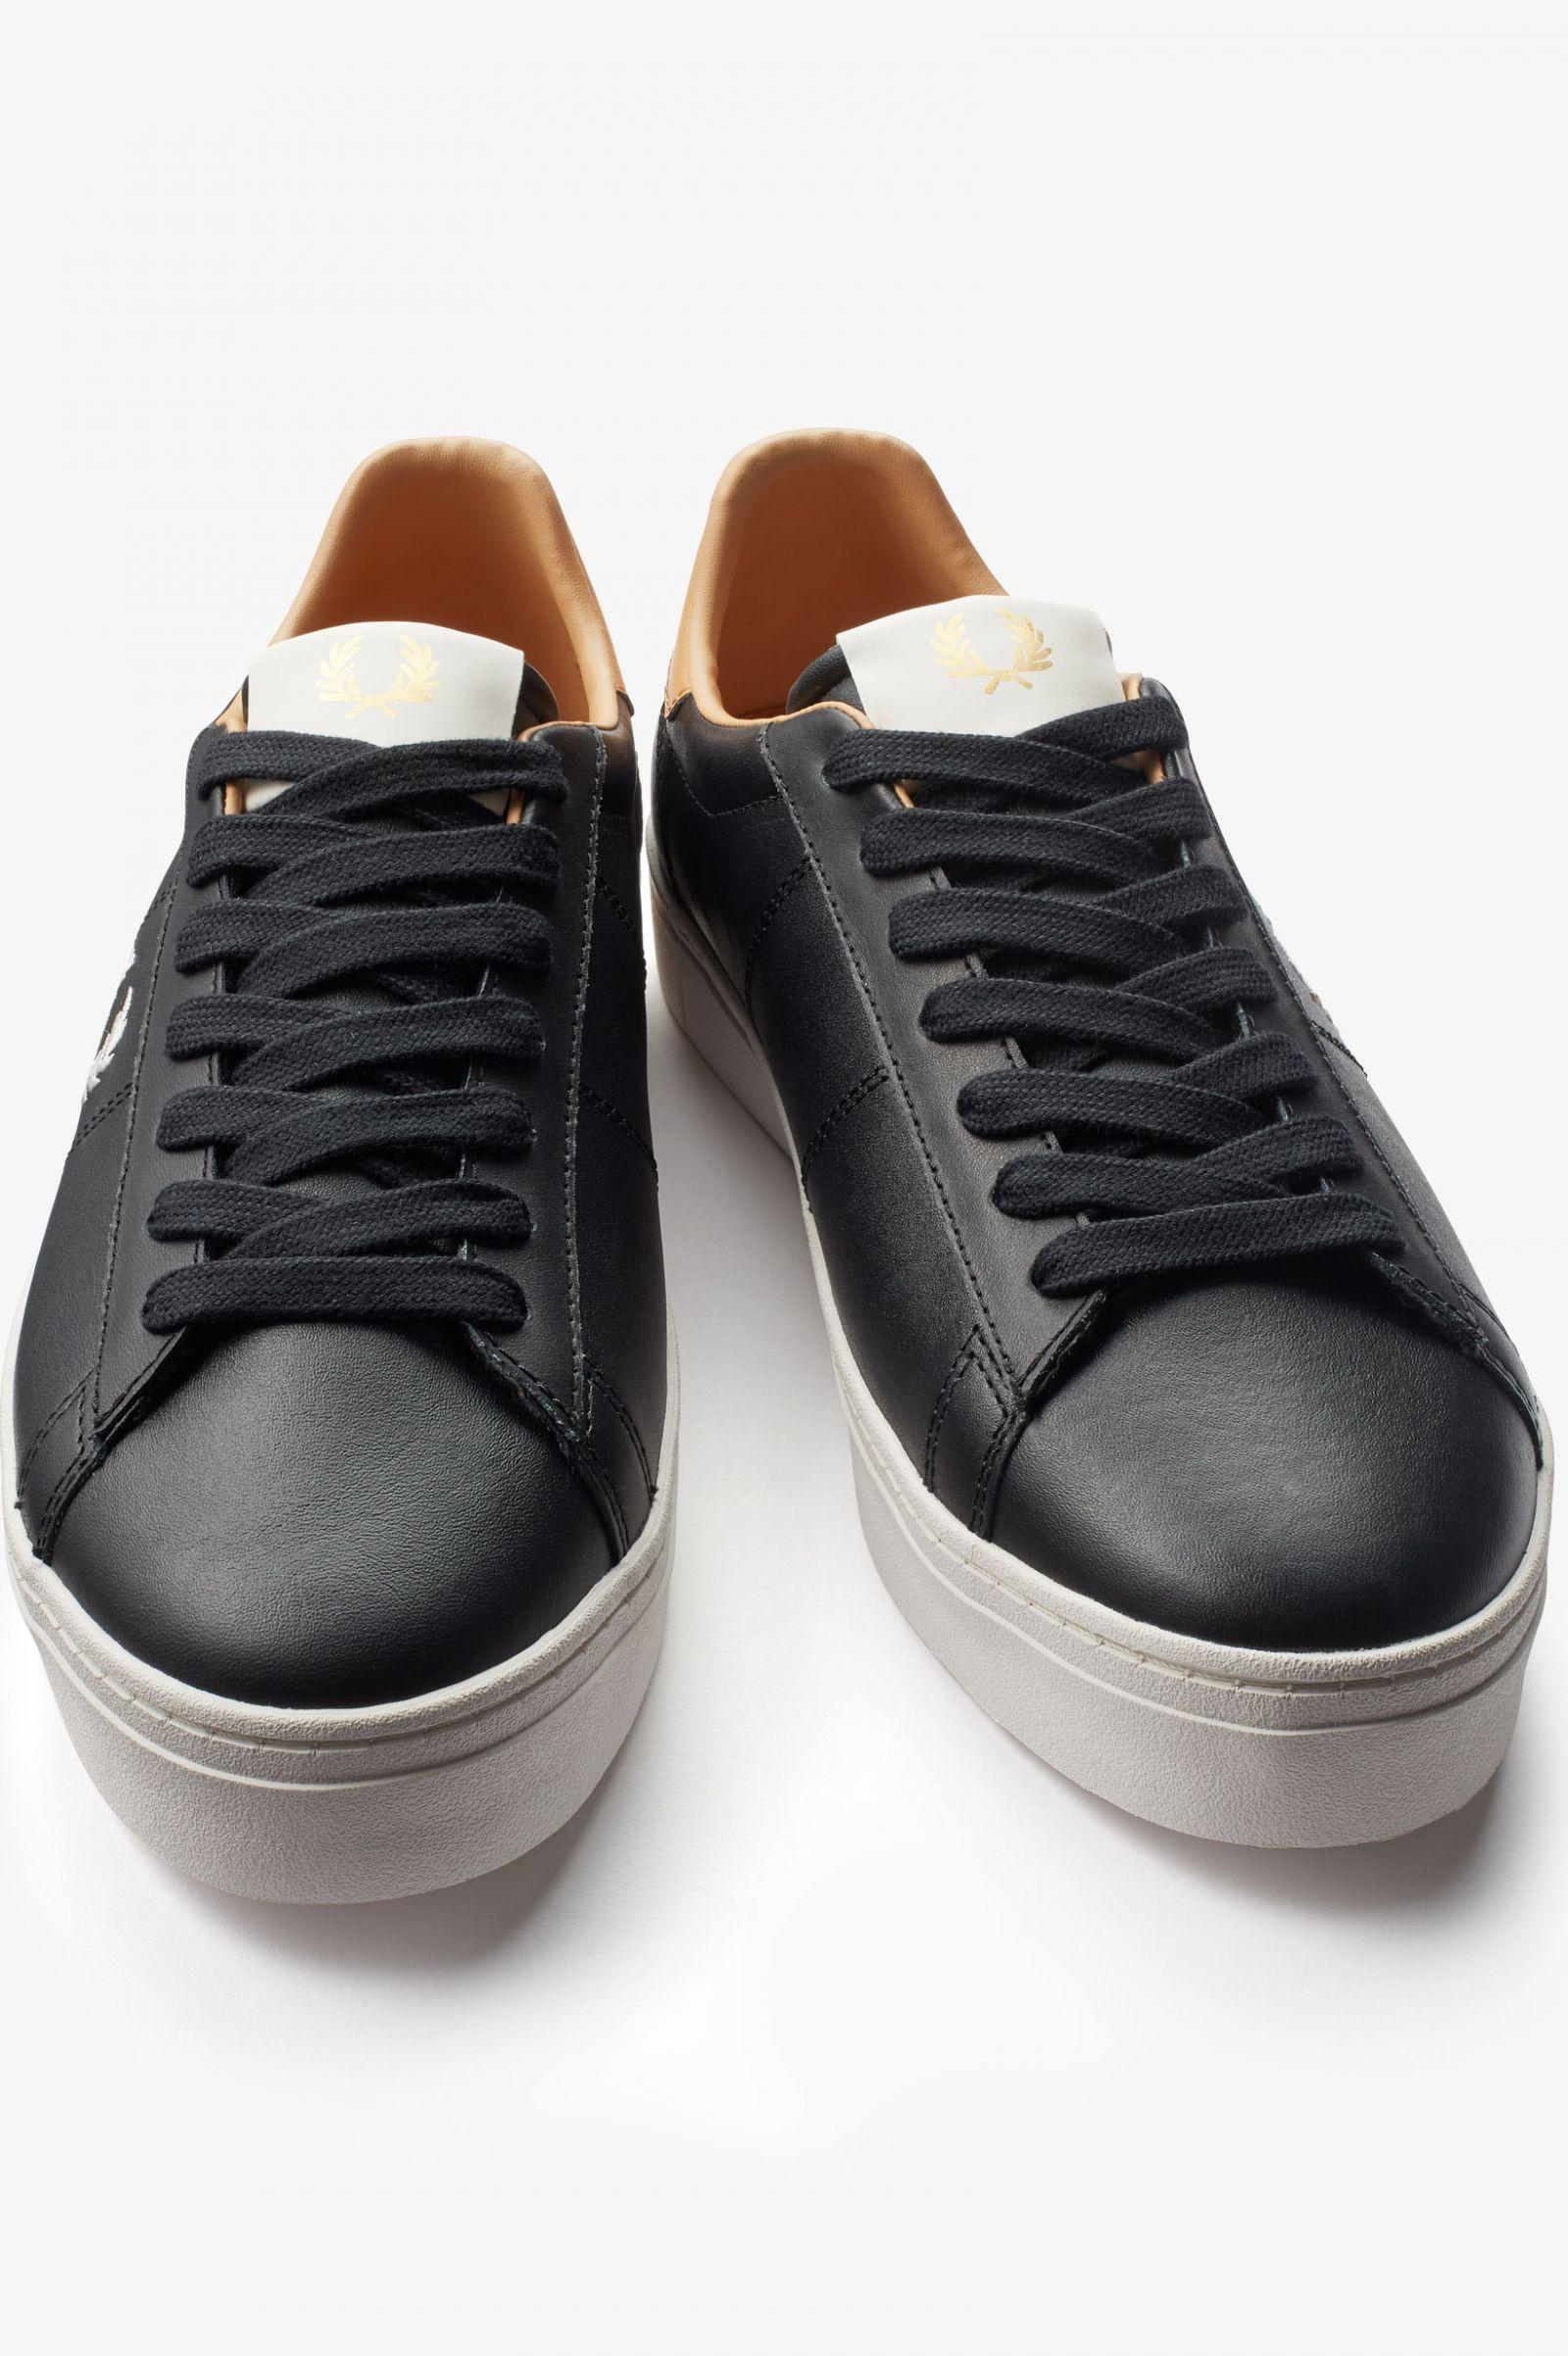 Chaussures Spencer en cuir vulcanisé